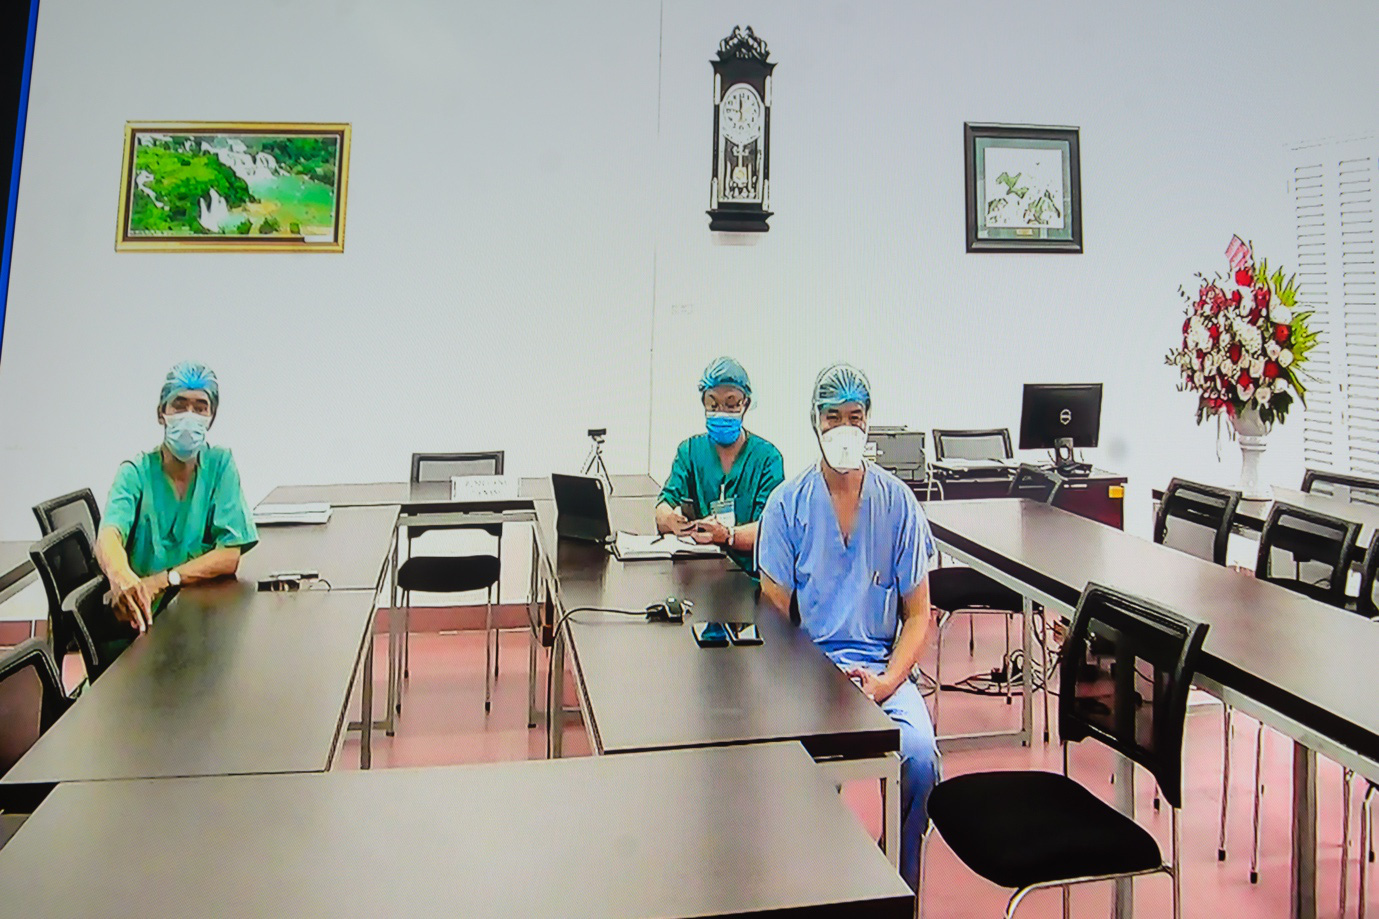 Ecopark đồng hành cùng đội ngũ y tế tuyến đầu chống Covid-19 tại Bệnh viện C Đà Nẵng - Ảnh 3.